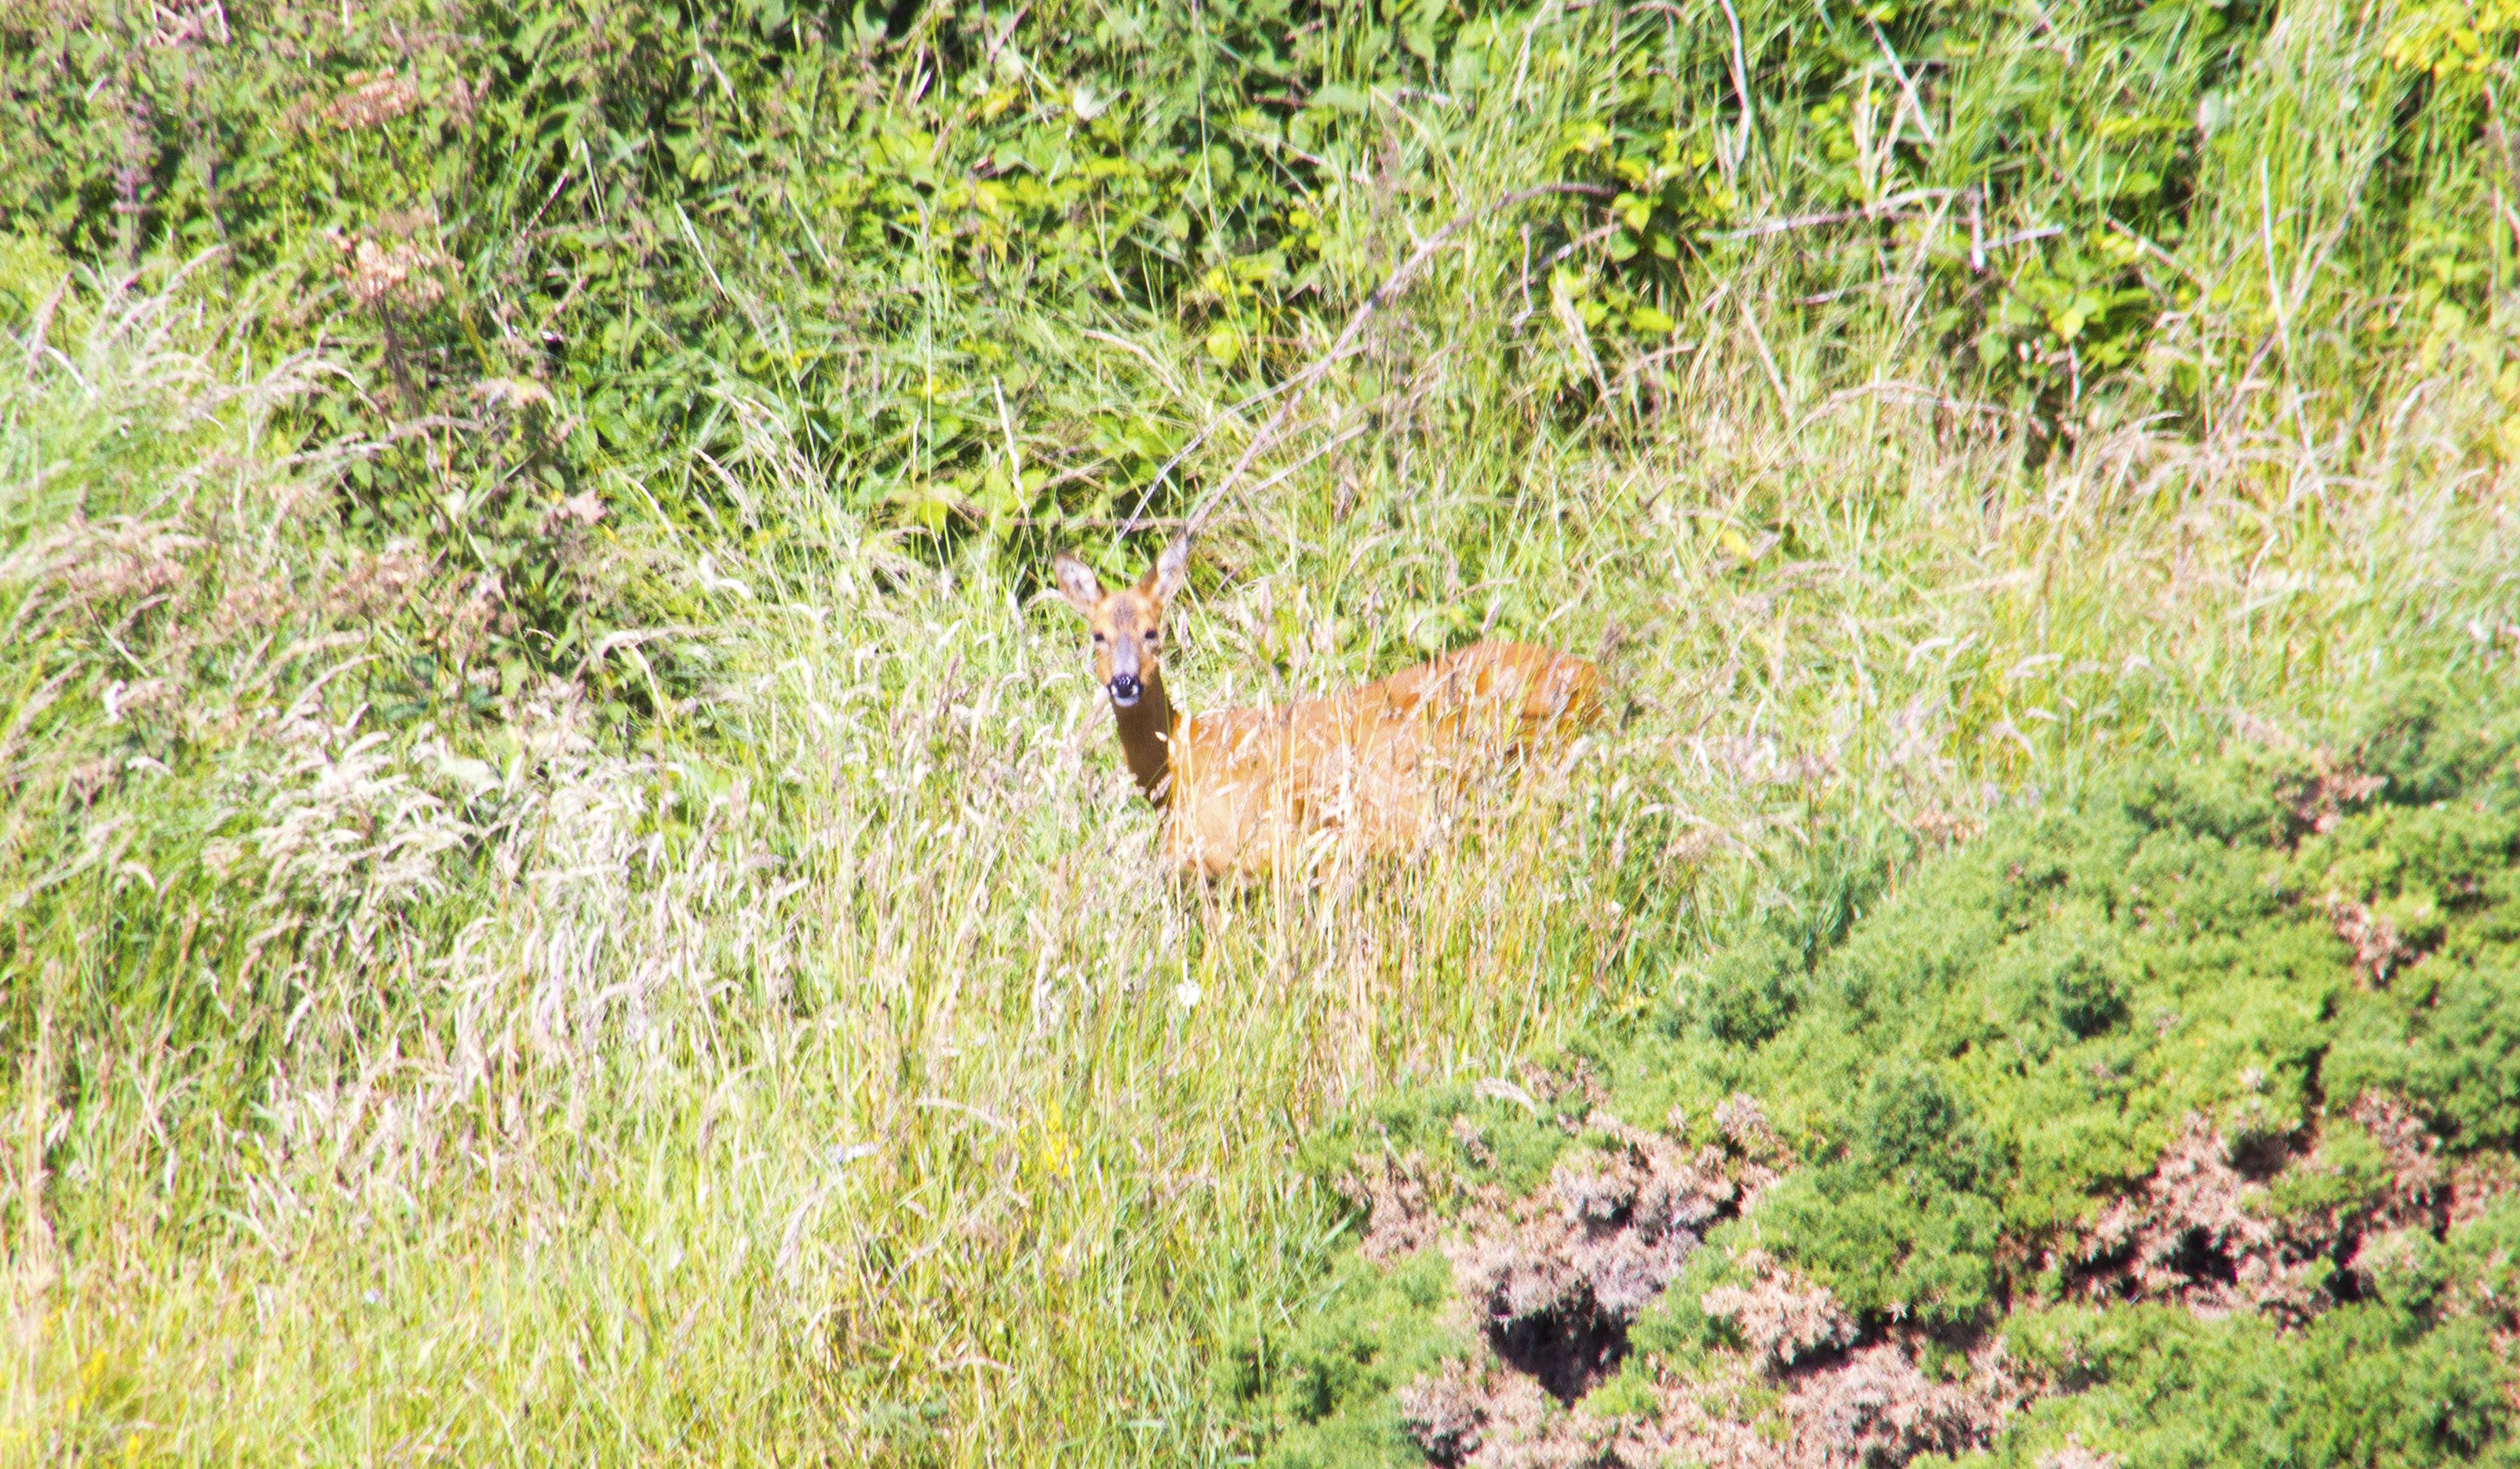 Een nieuwsgierig hert staart ons aan om vervolgens in de begroeiing te verdwijnen.